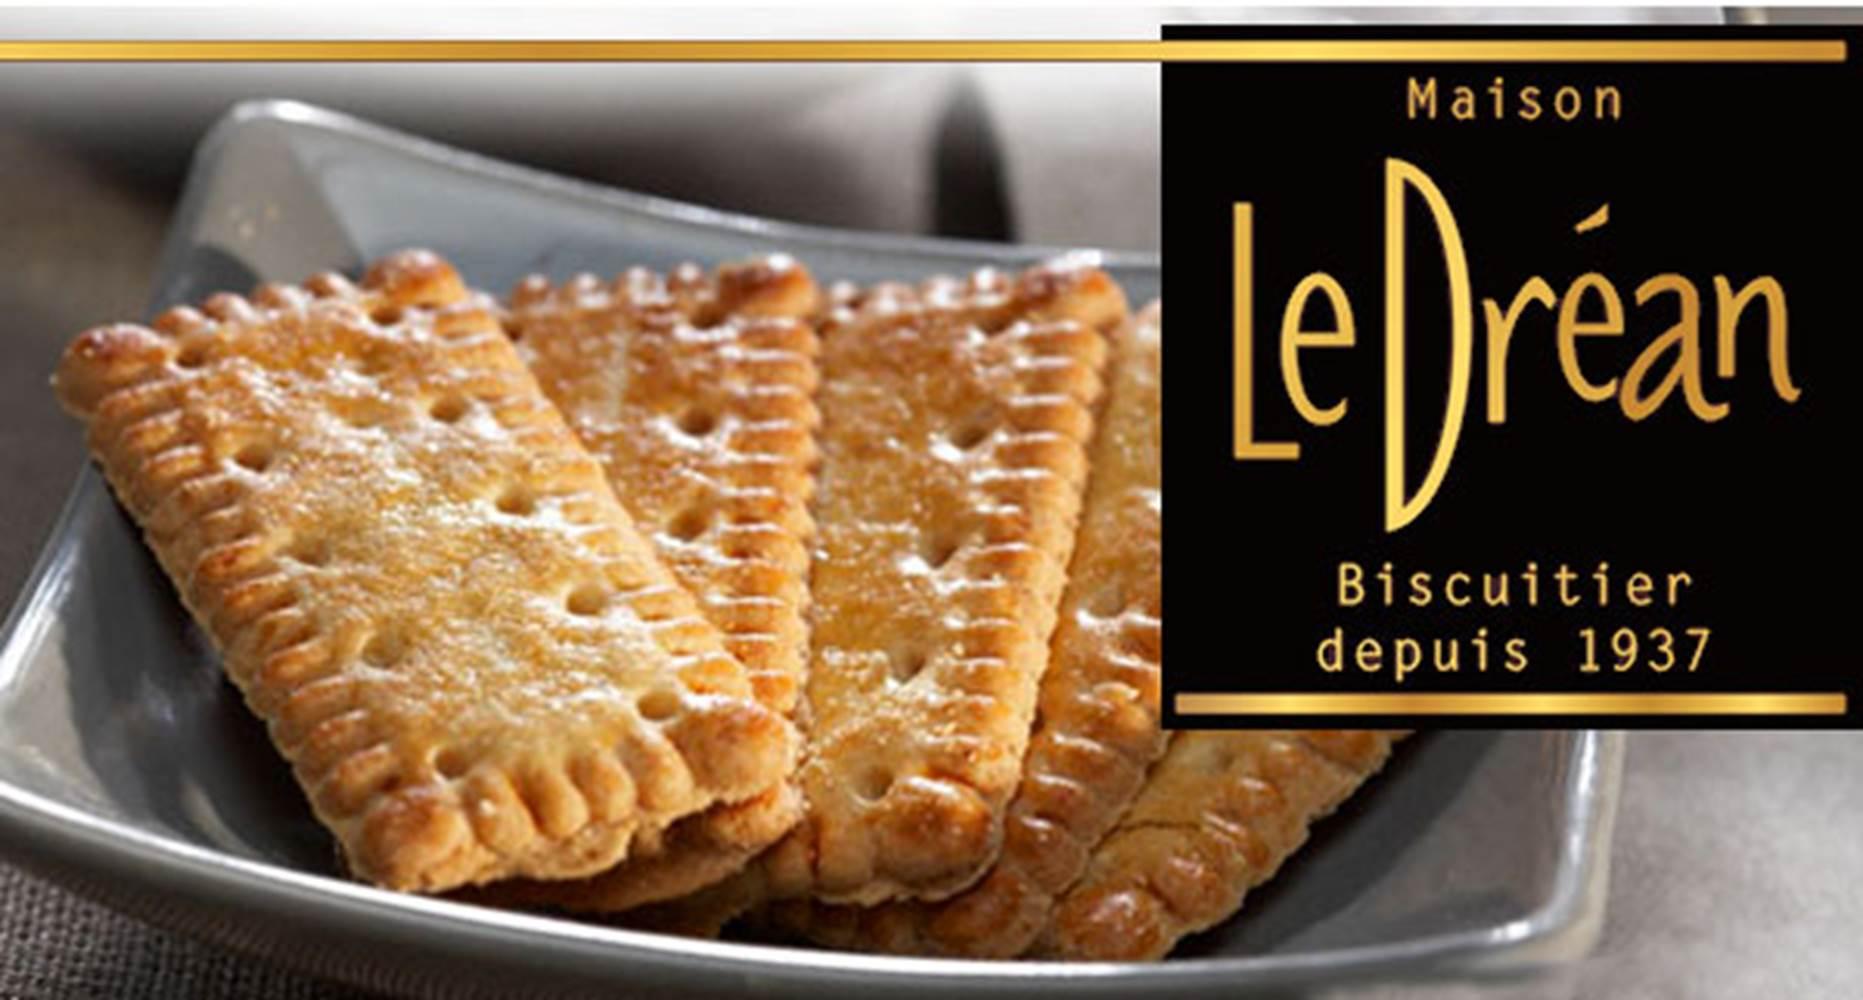 Biscuits Maison Le Dréan ©